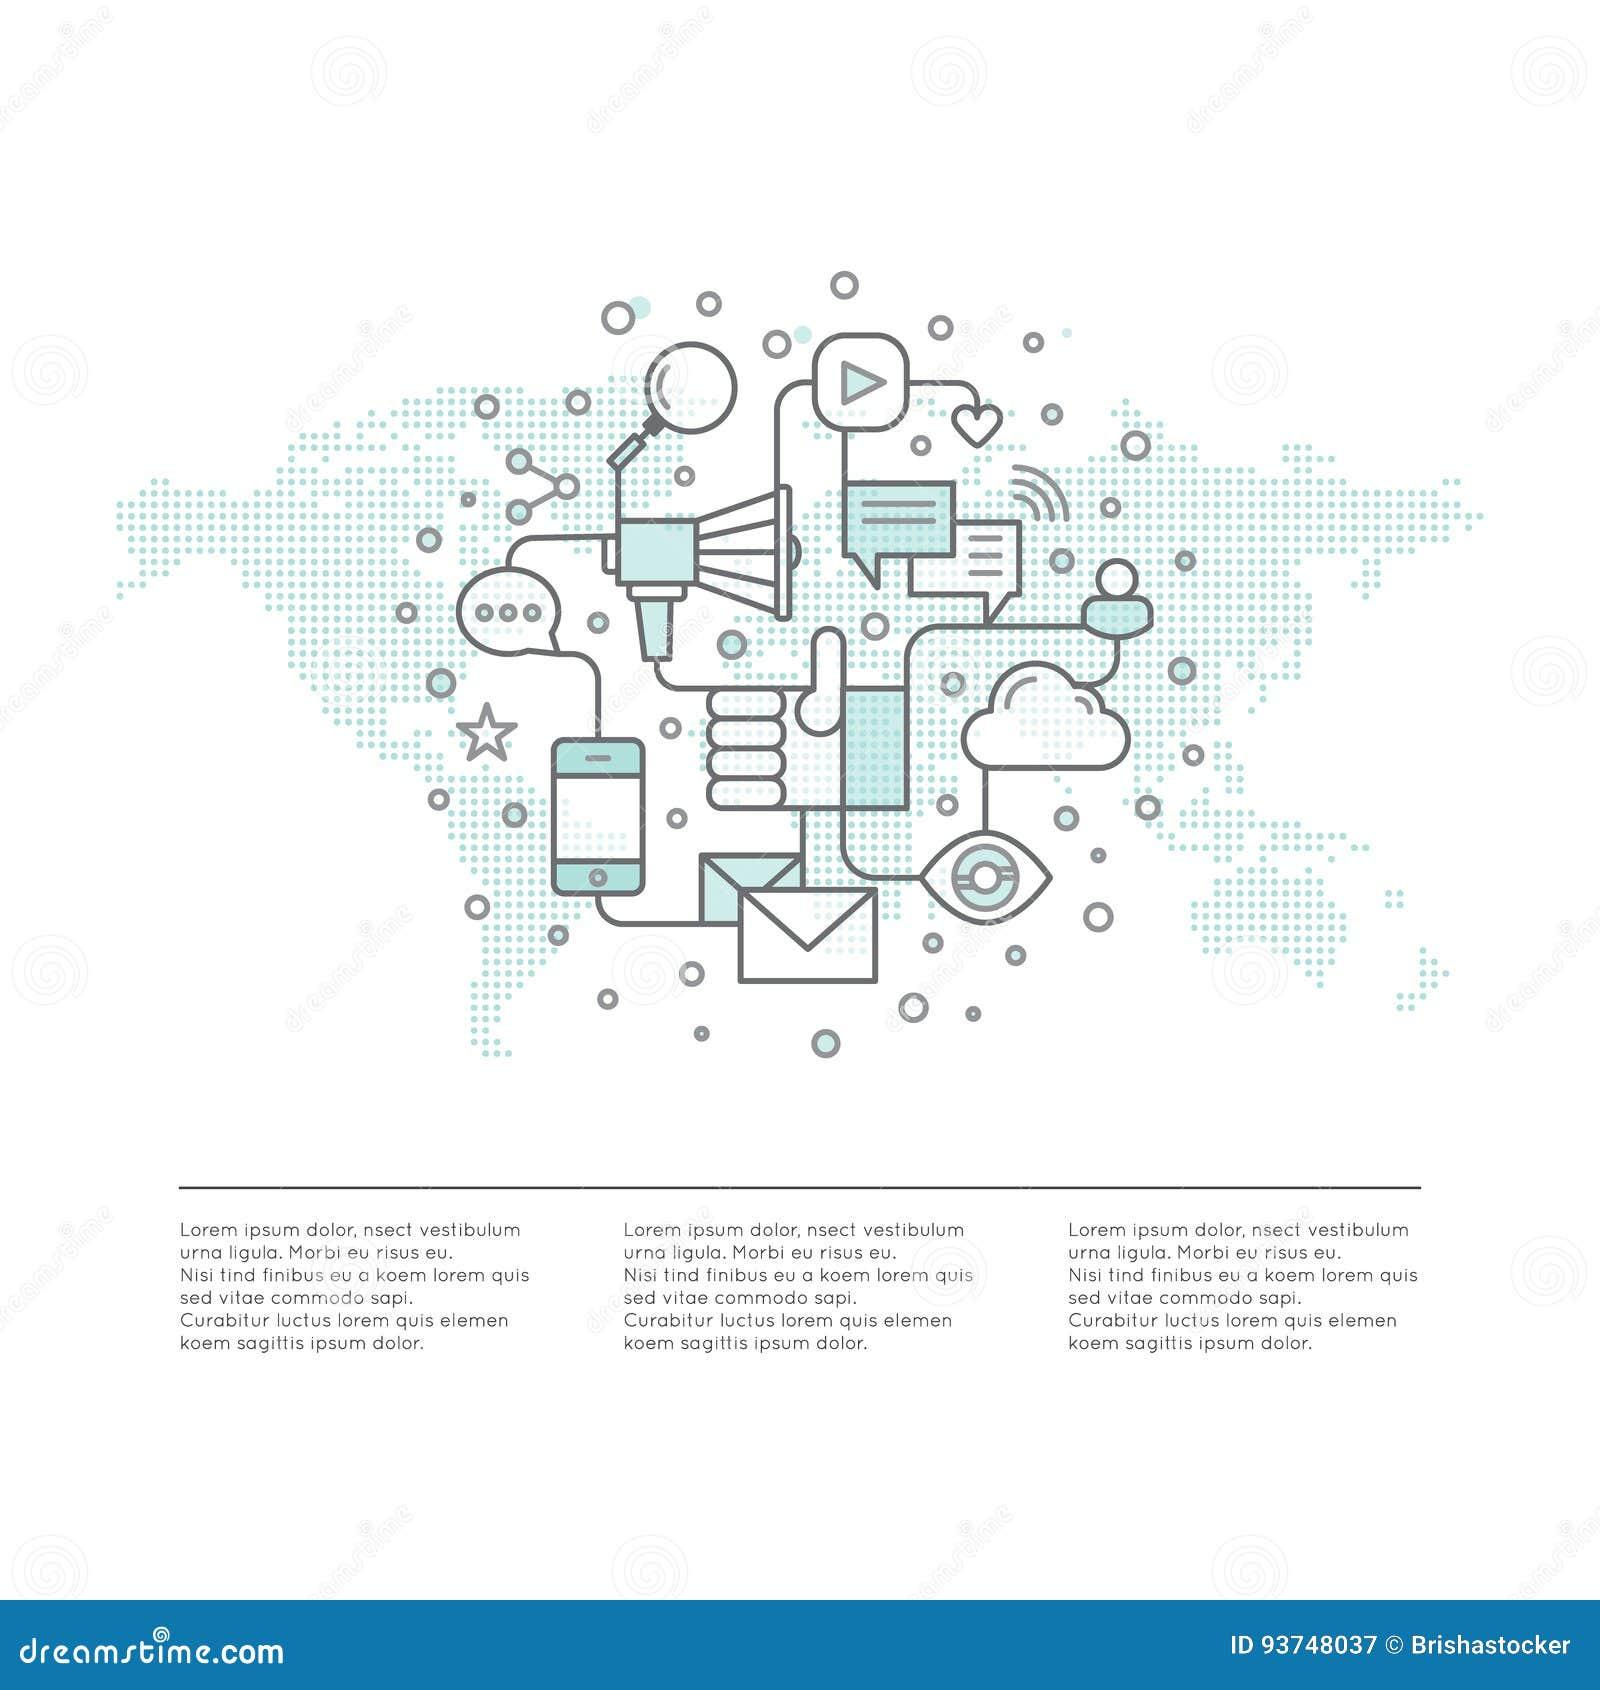 Ηλεκτρονικό ταχυδρομείο Διαδικτύου ή κινητό μάρκετινγκ ανακοινώσεων και προσφοράς και κοινωνική εκστρατεία Έννοια διαδικασίας προ